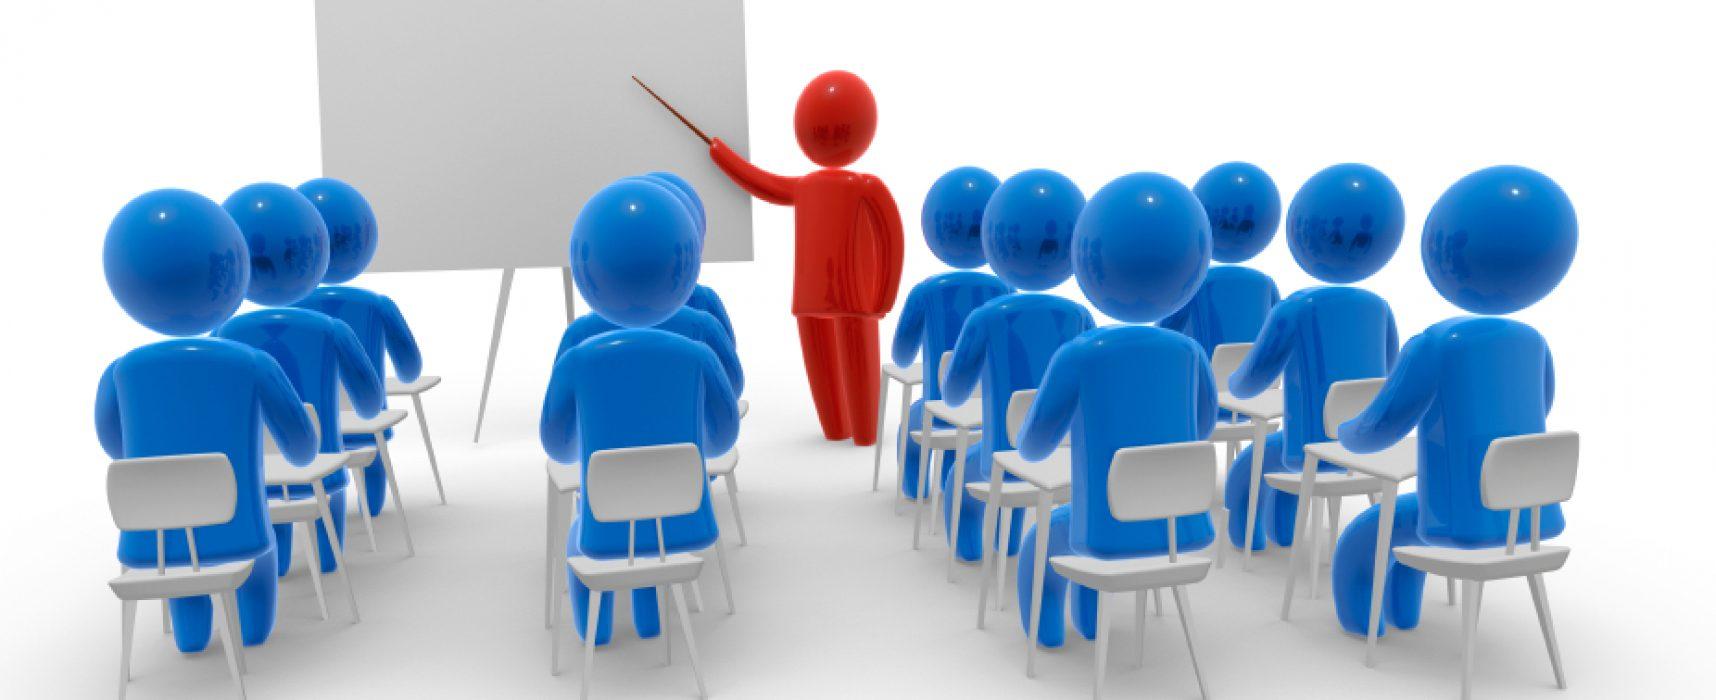 Σεμινάριο WA Level 2 Coaching Course Αθήνα, 5-7 & 12-14 Μαΐου 2017